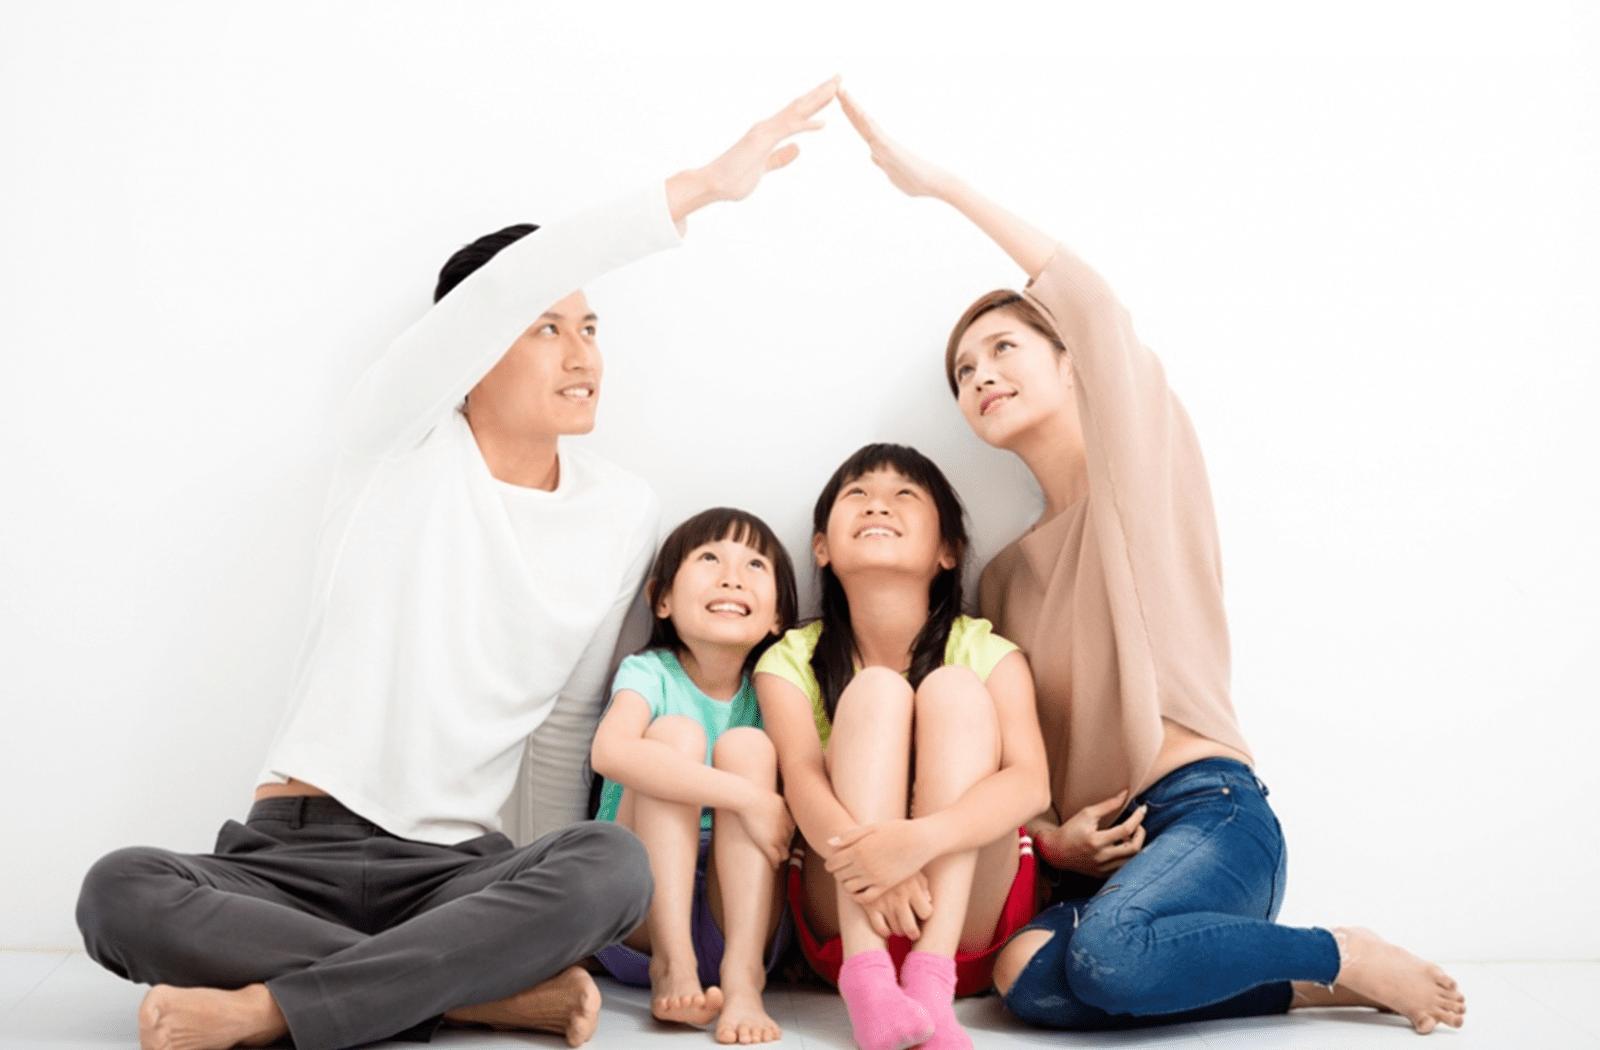 Bổ sung vitamin và khoáng chất khi cần thiết giúp con khỏe, cả nhà đều vui (Ảnh minh họa)